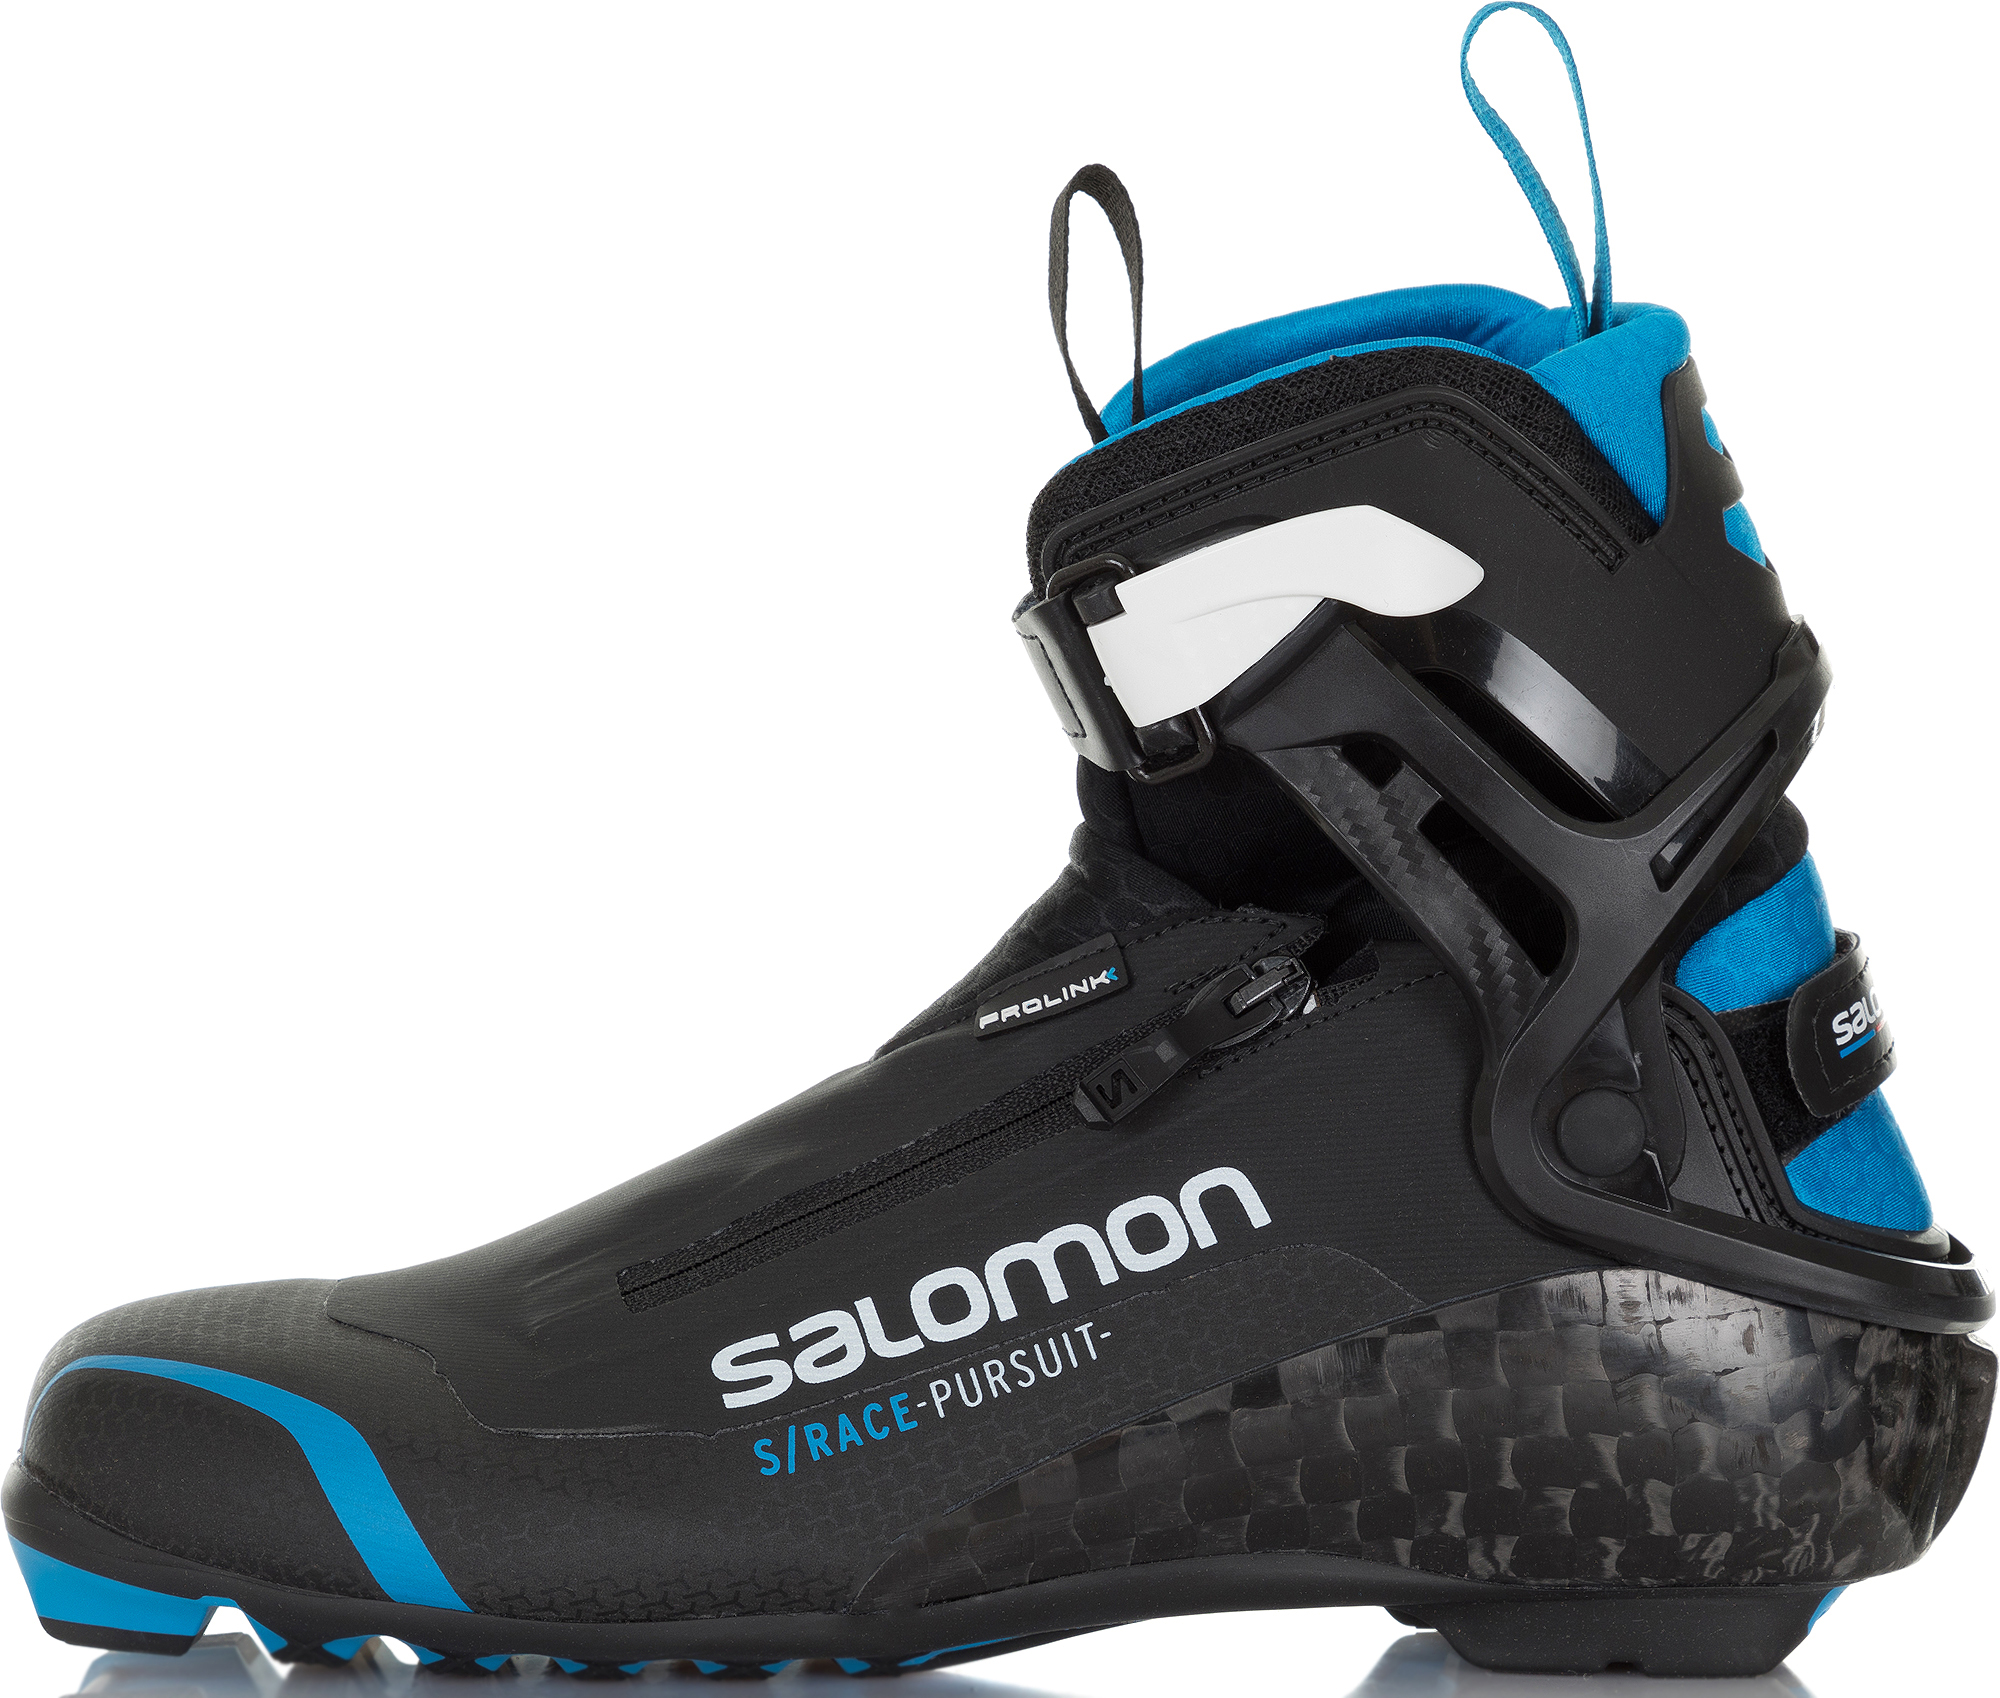 Salomon Ботинки для беговых лыж Salomon S/Race Pursuit Prolink, размер 42 крепления salomon salomon для беговых лыж auto женские